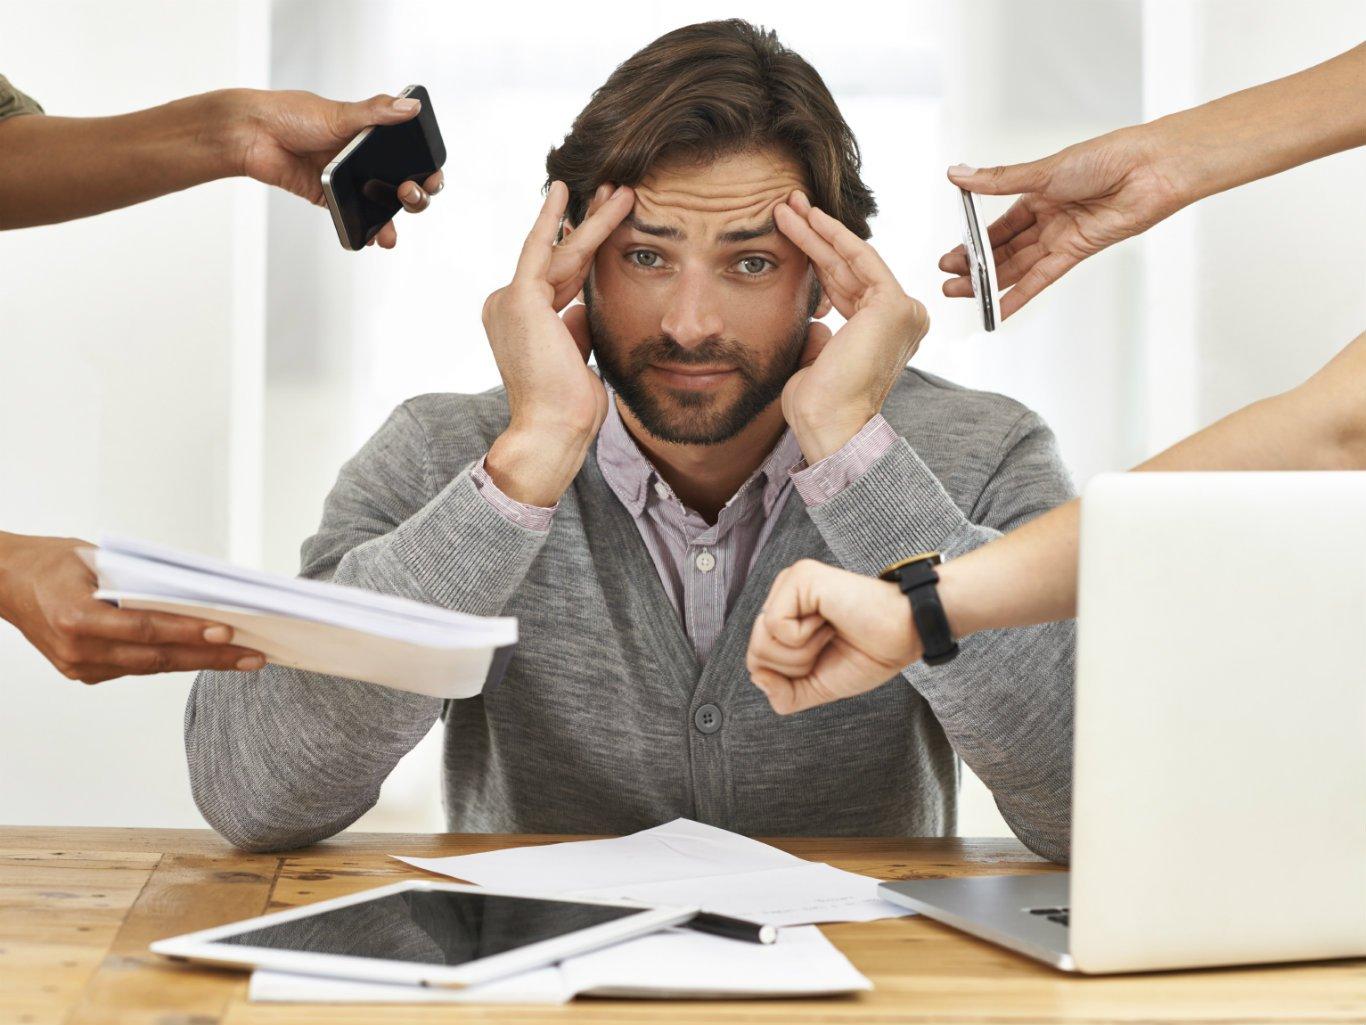 Стресс против эрекции: не дай проблемам на работе погубить твой секс